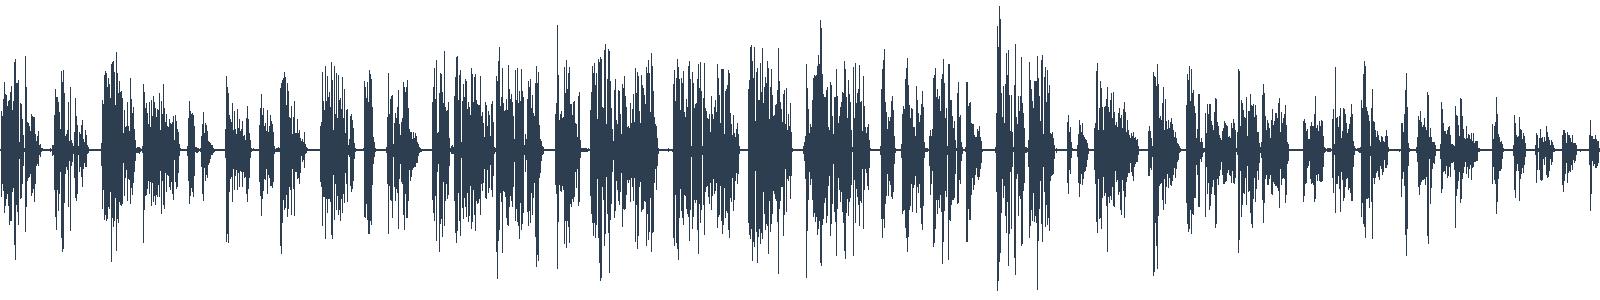 (Naozajstný) KRST! waveform